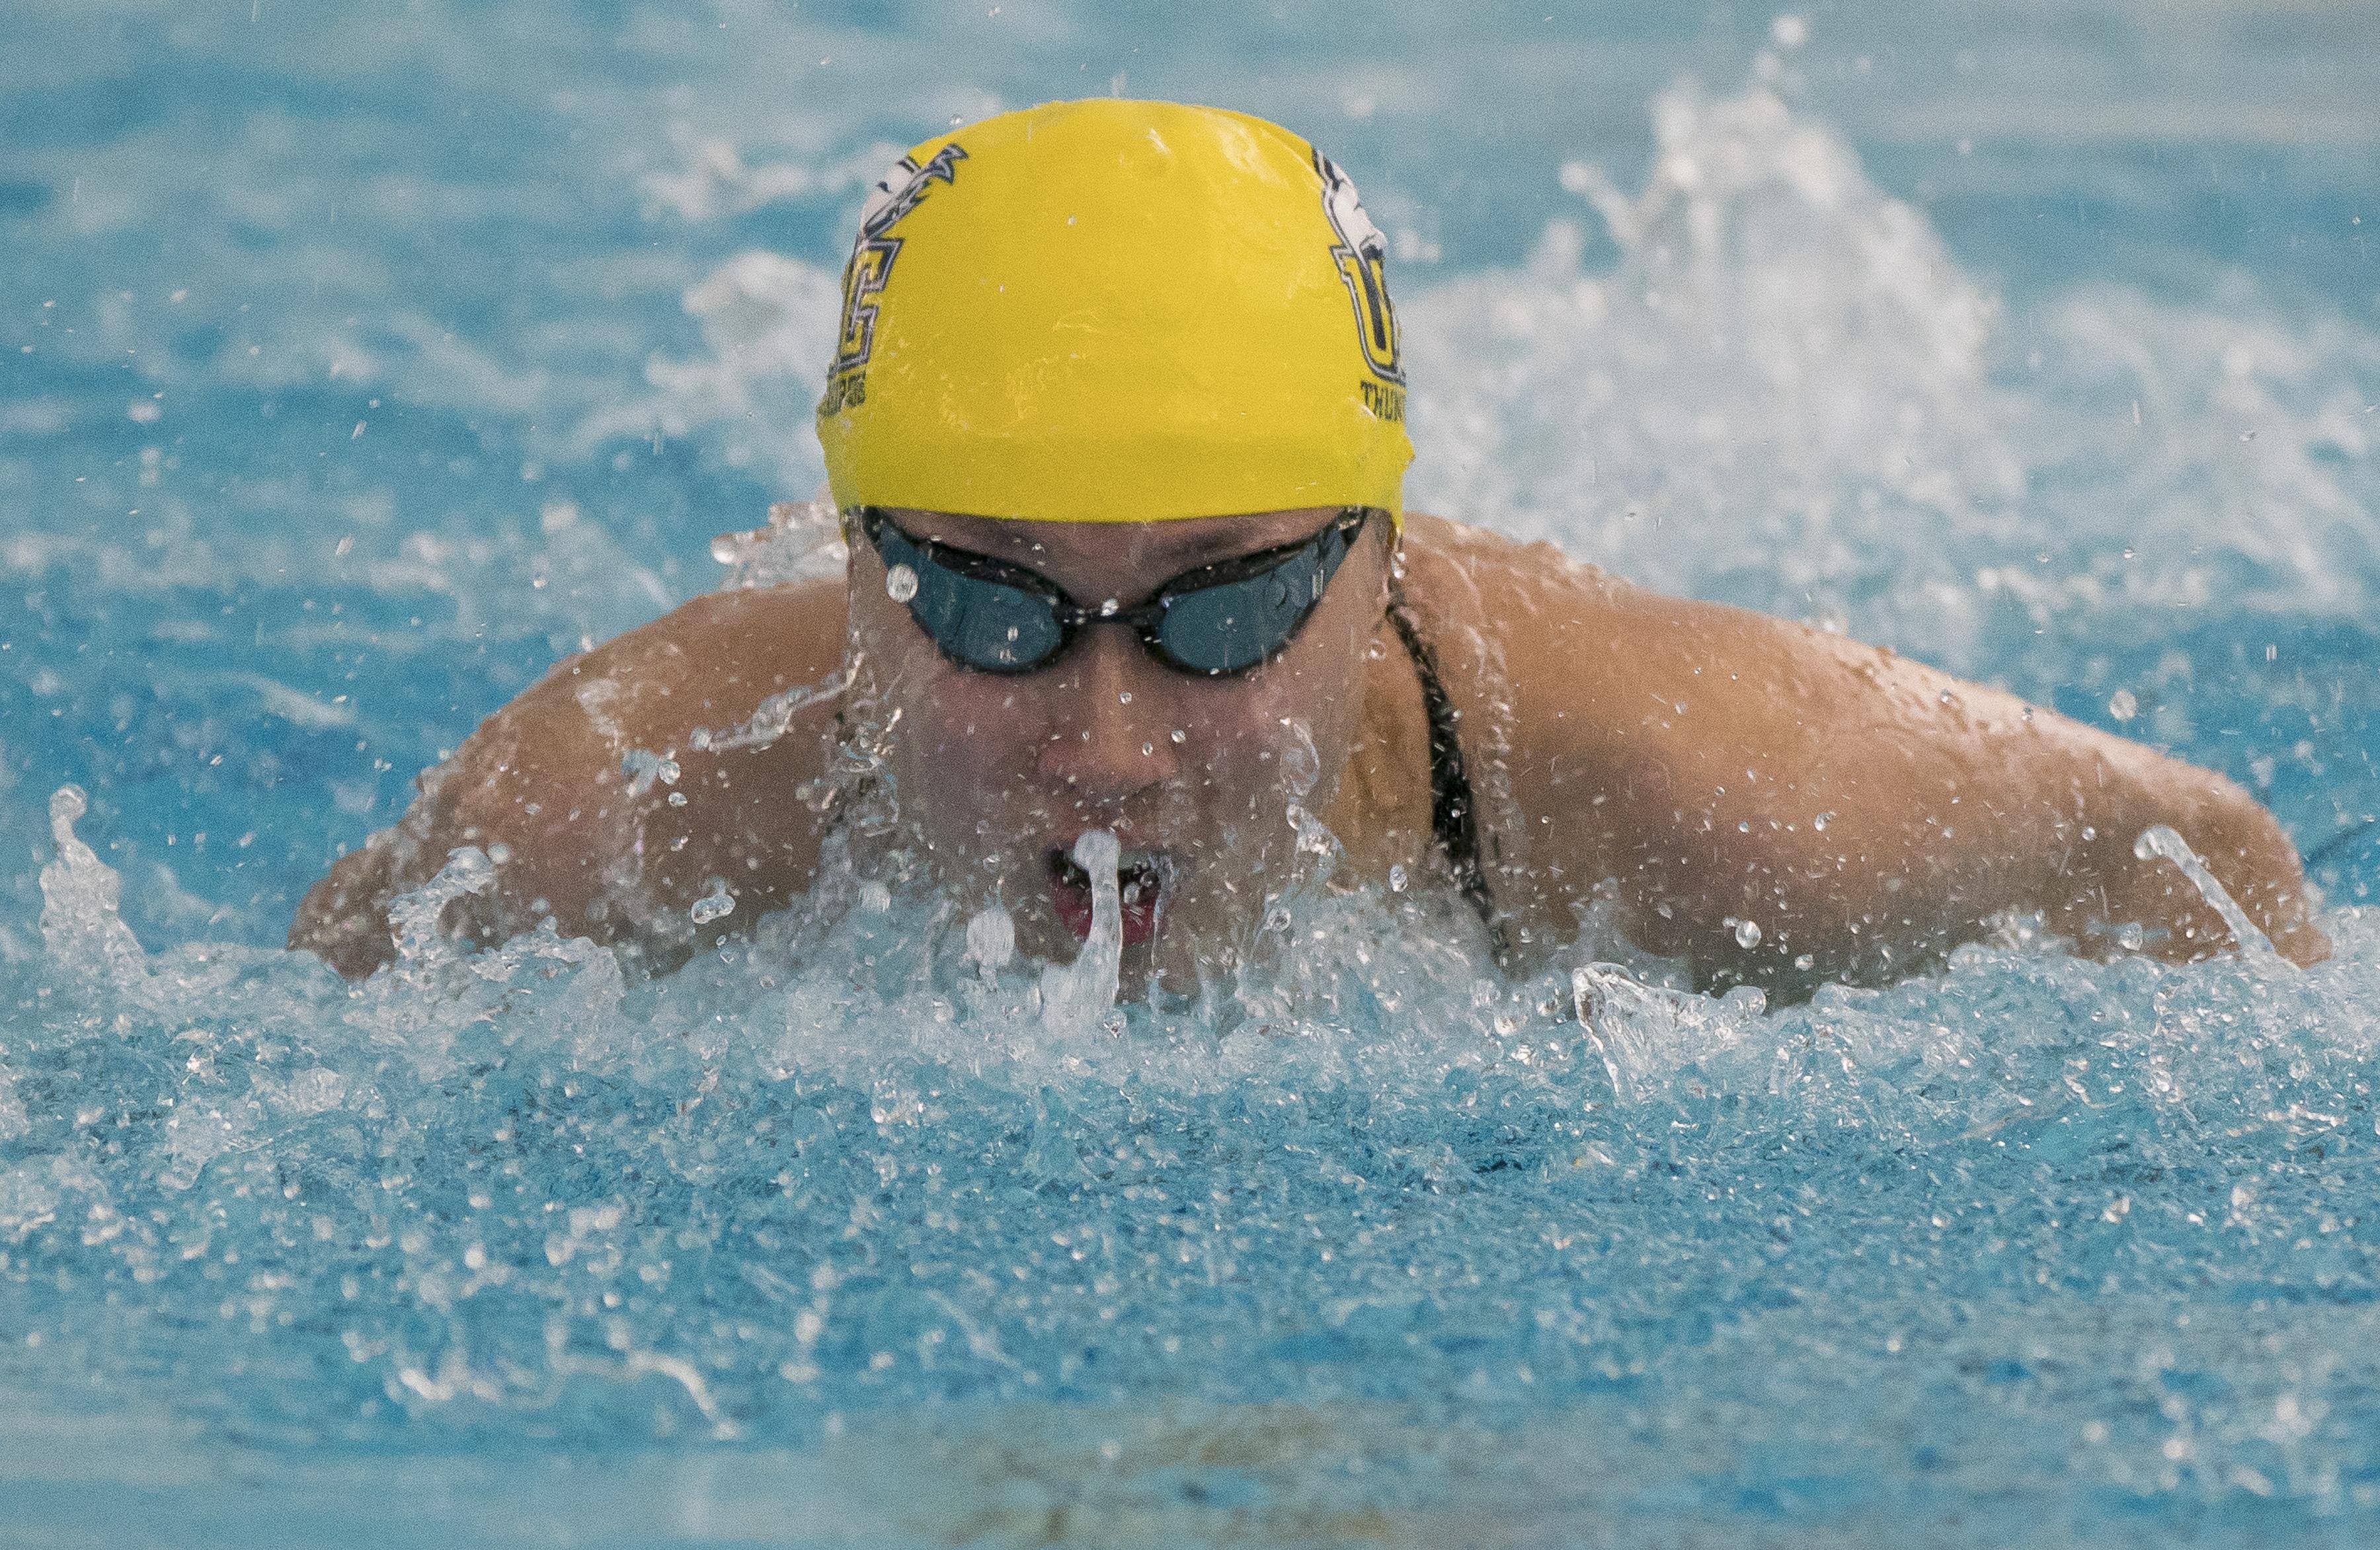 Hoi Lam Karen Tam represented Hong Kong in the pool at Tokyo.